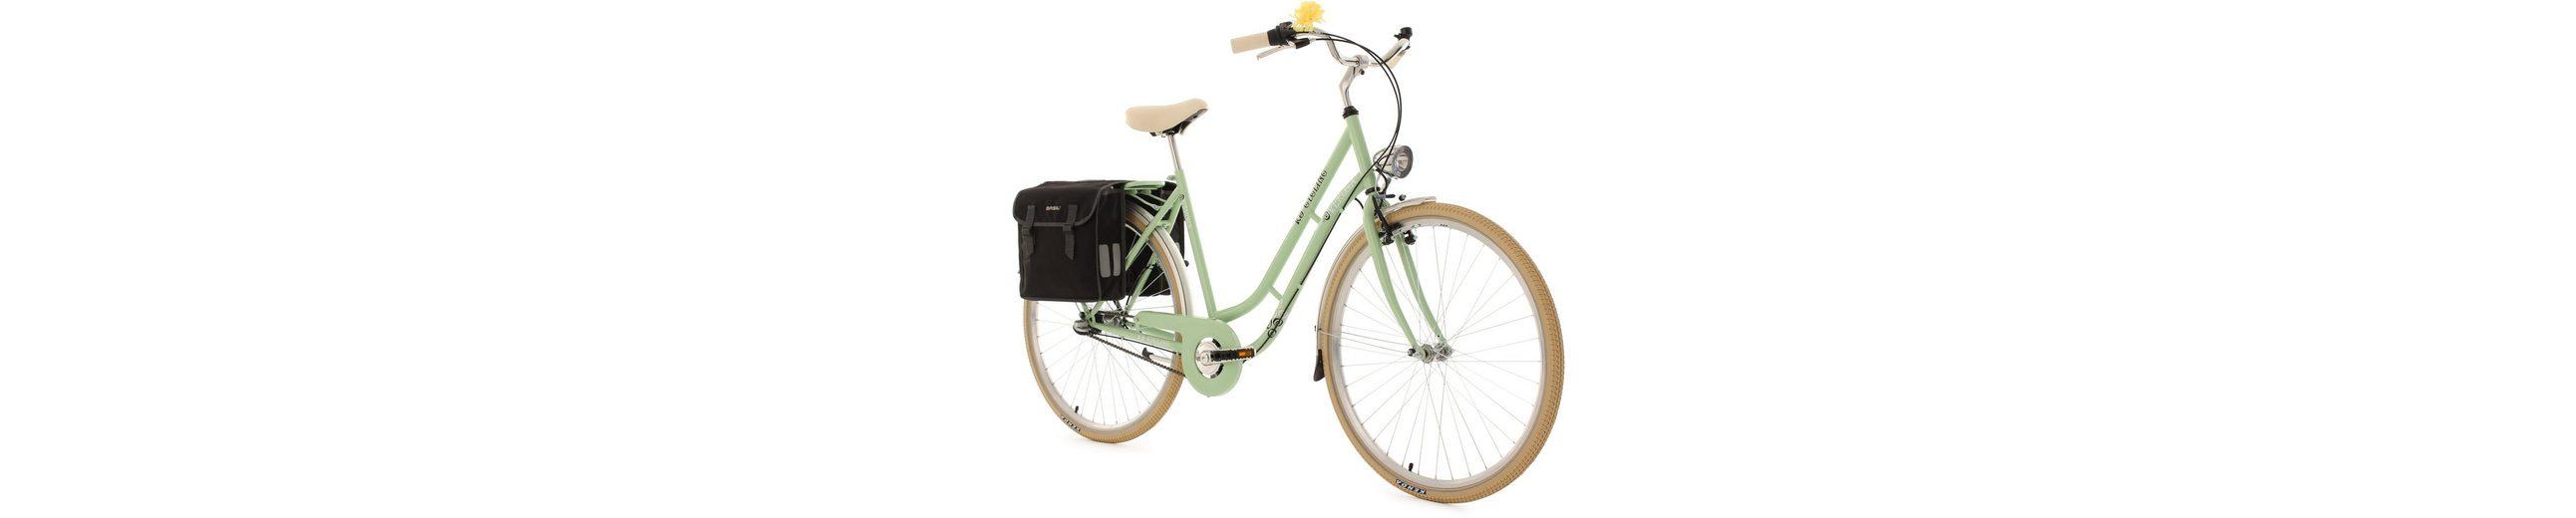 KS Cycling Damen-Cityrad, 28 Zoll, grün, 3 Gang Shimano Nexus, inkl. Doppelpacktasche, »Verona«